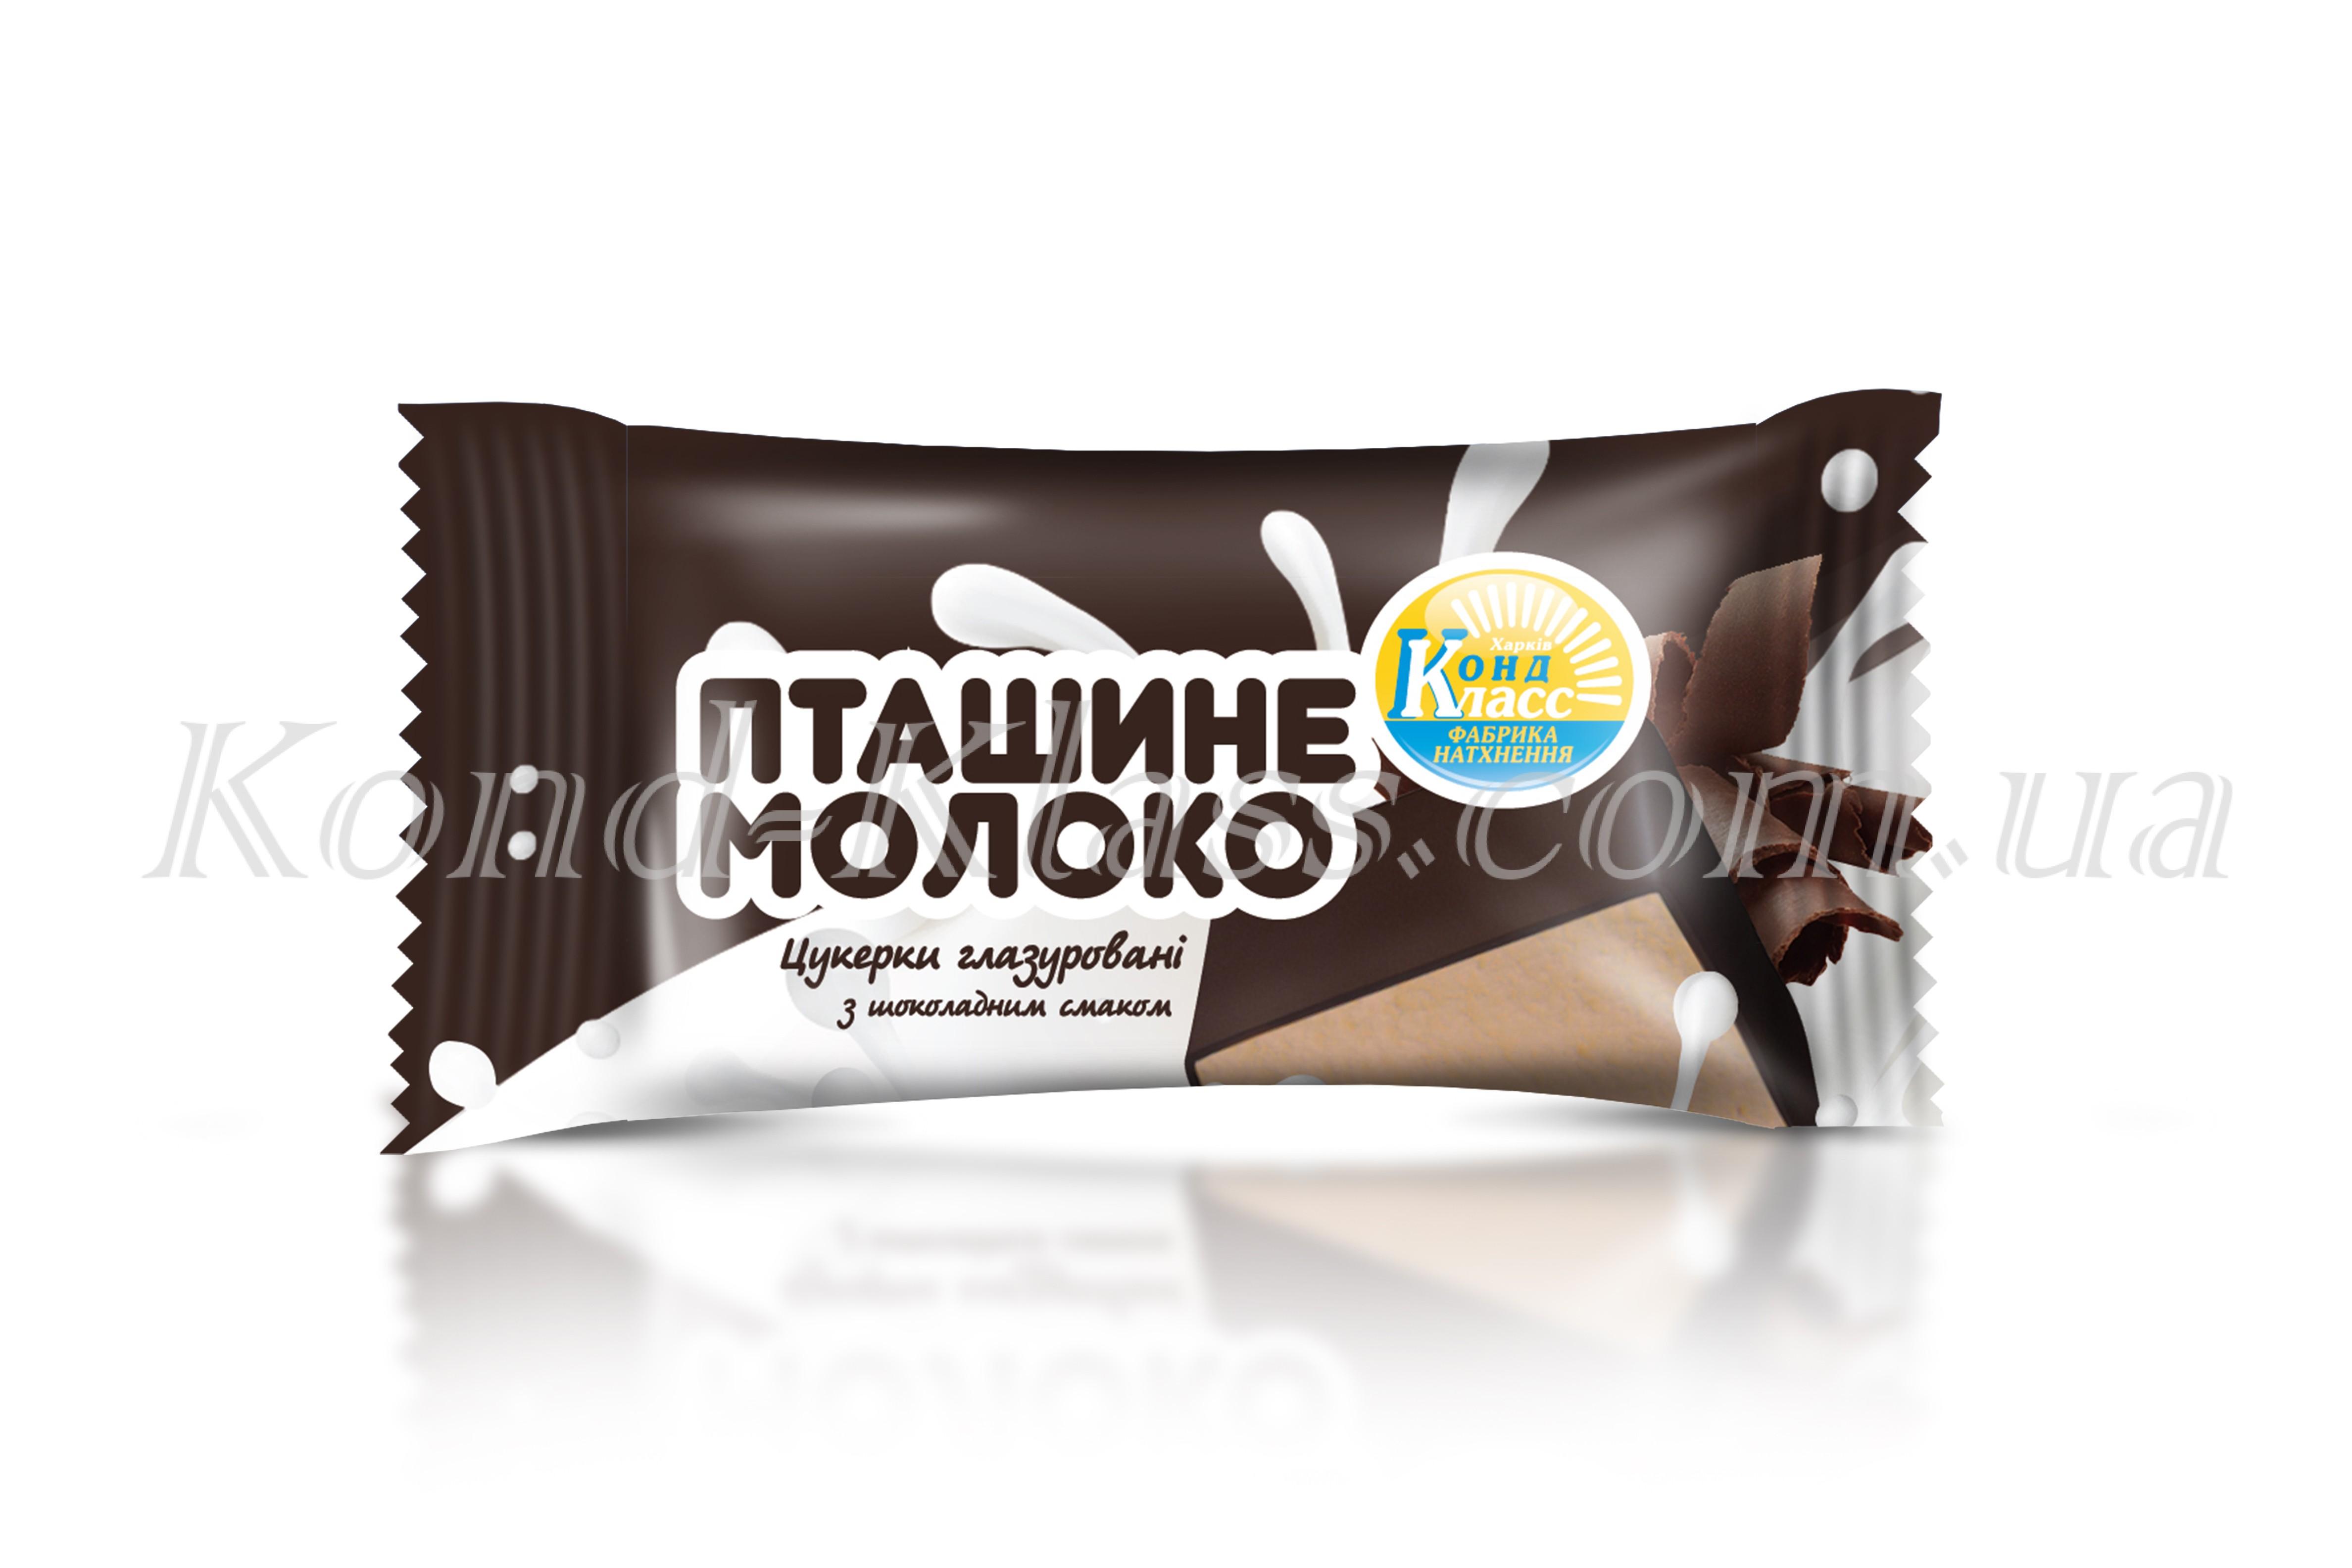 Птичье молоко с шоколадным вкусом Конд-Класс